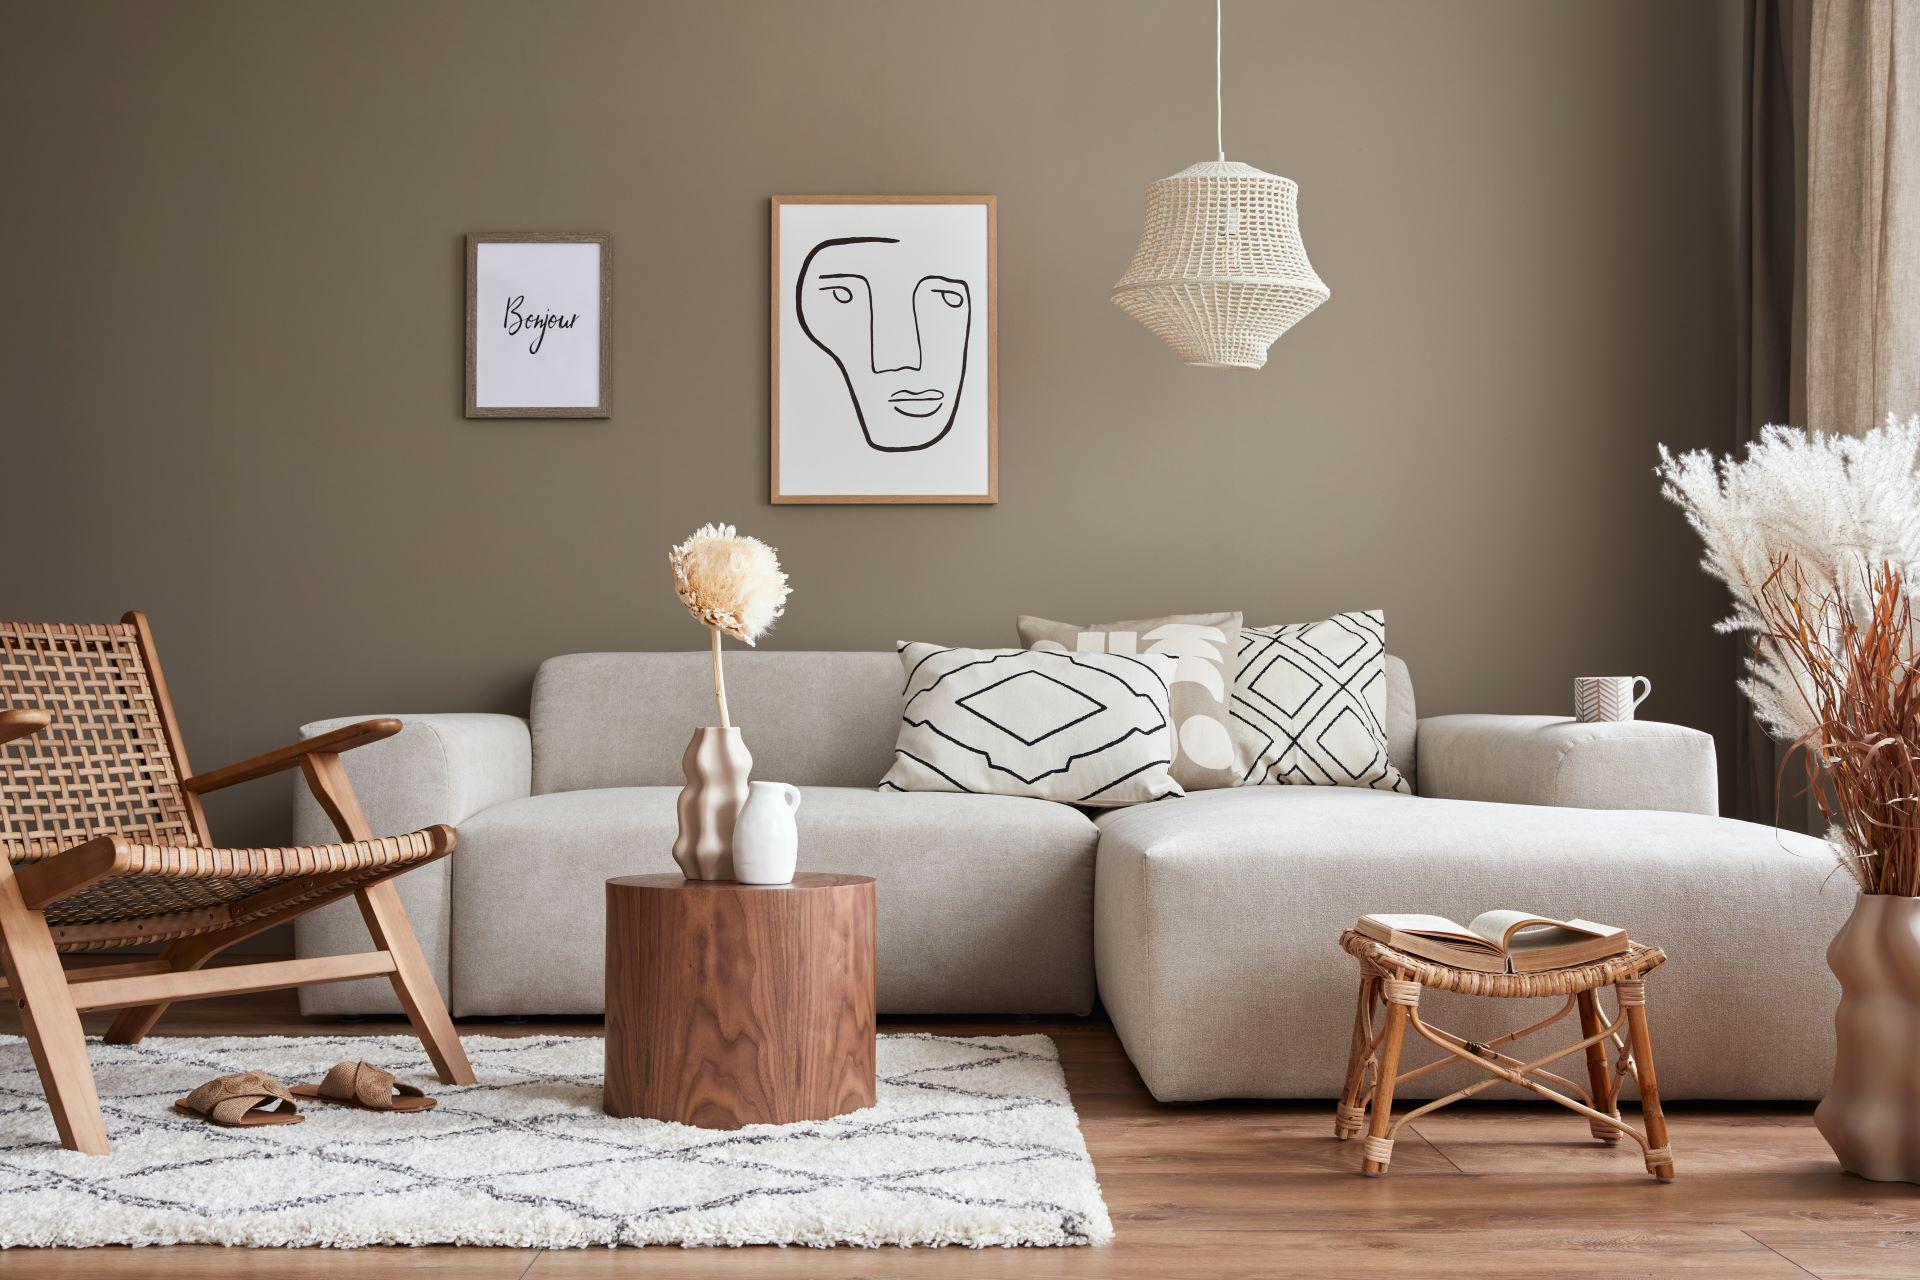 Helles Wohnzimmer Sofa mit Zierkissen und Couchtisch aus Holz